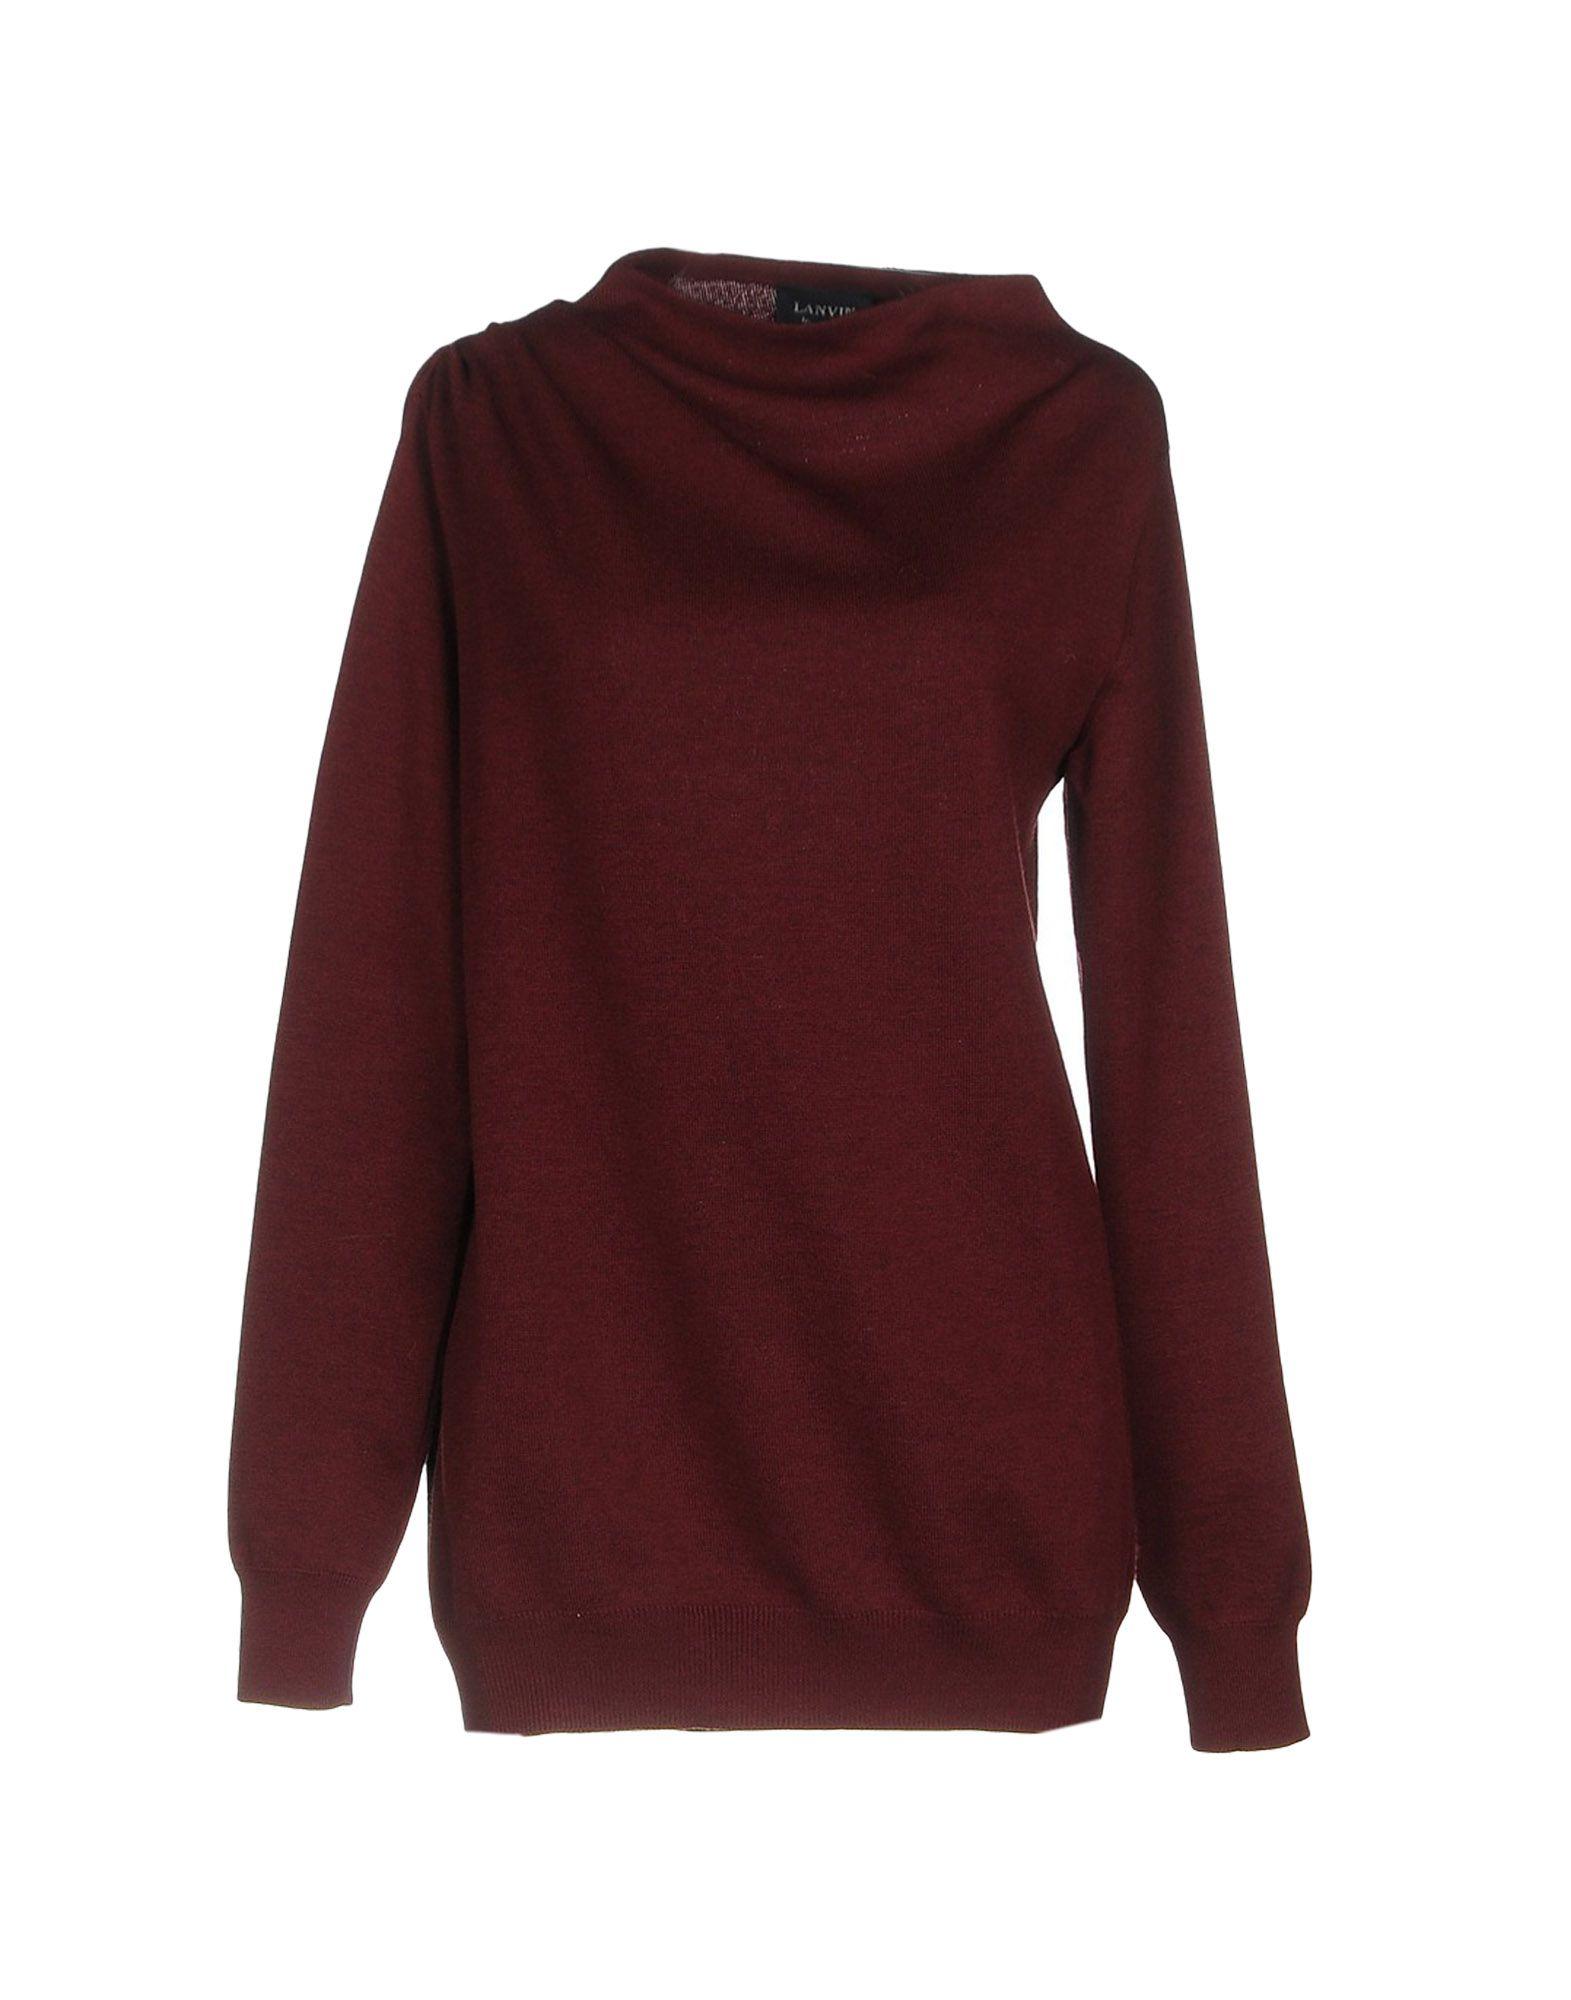 Pullover Lanvin Donna - Acquista online su AbzVR8z